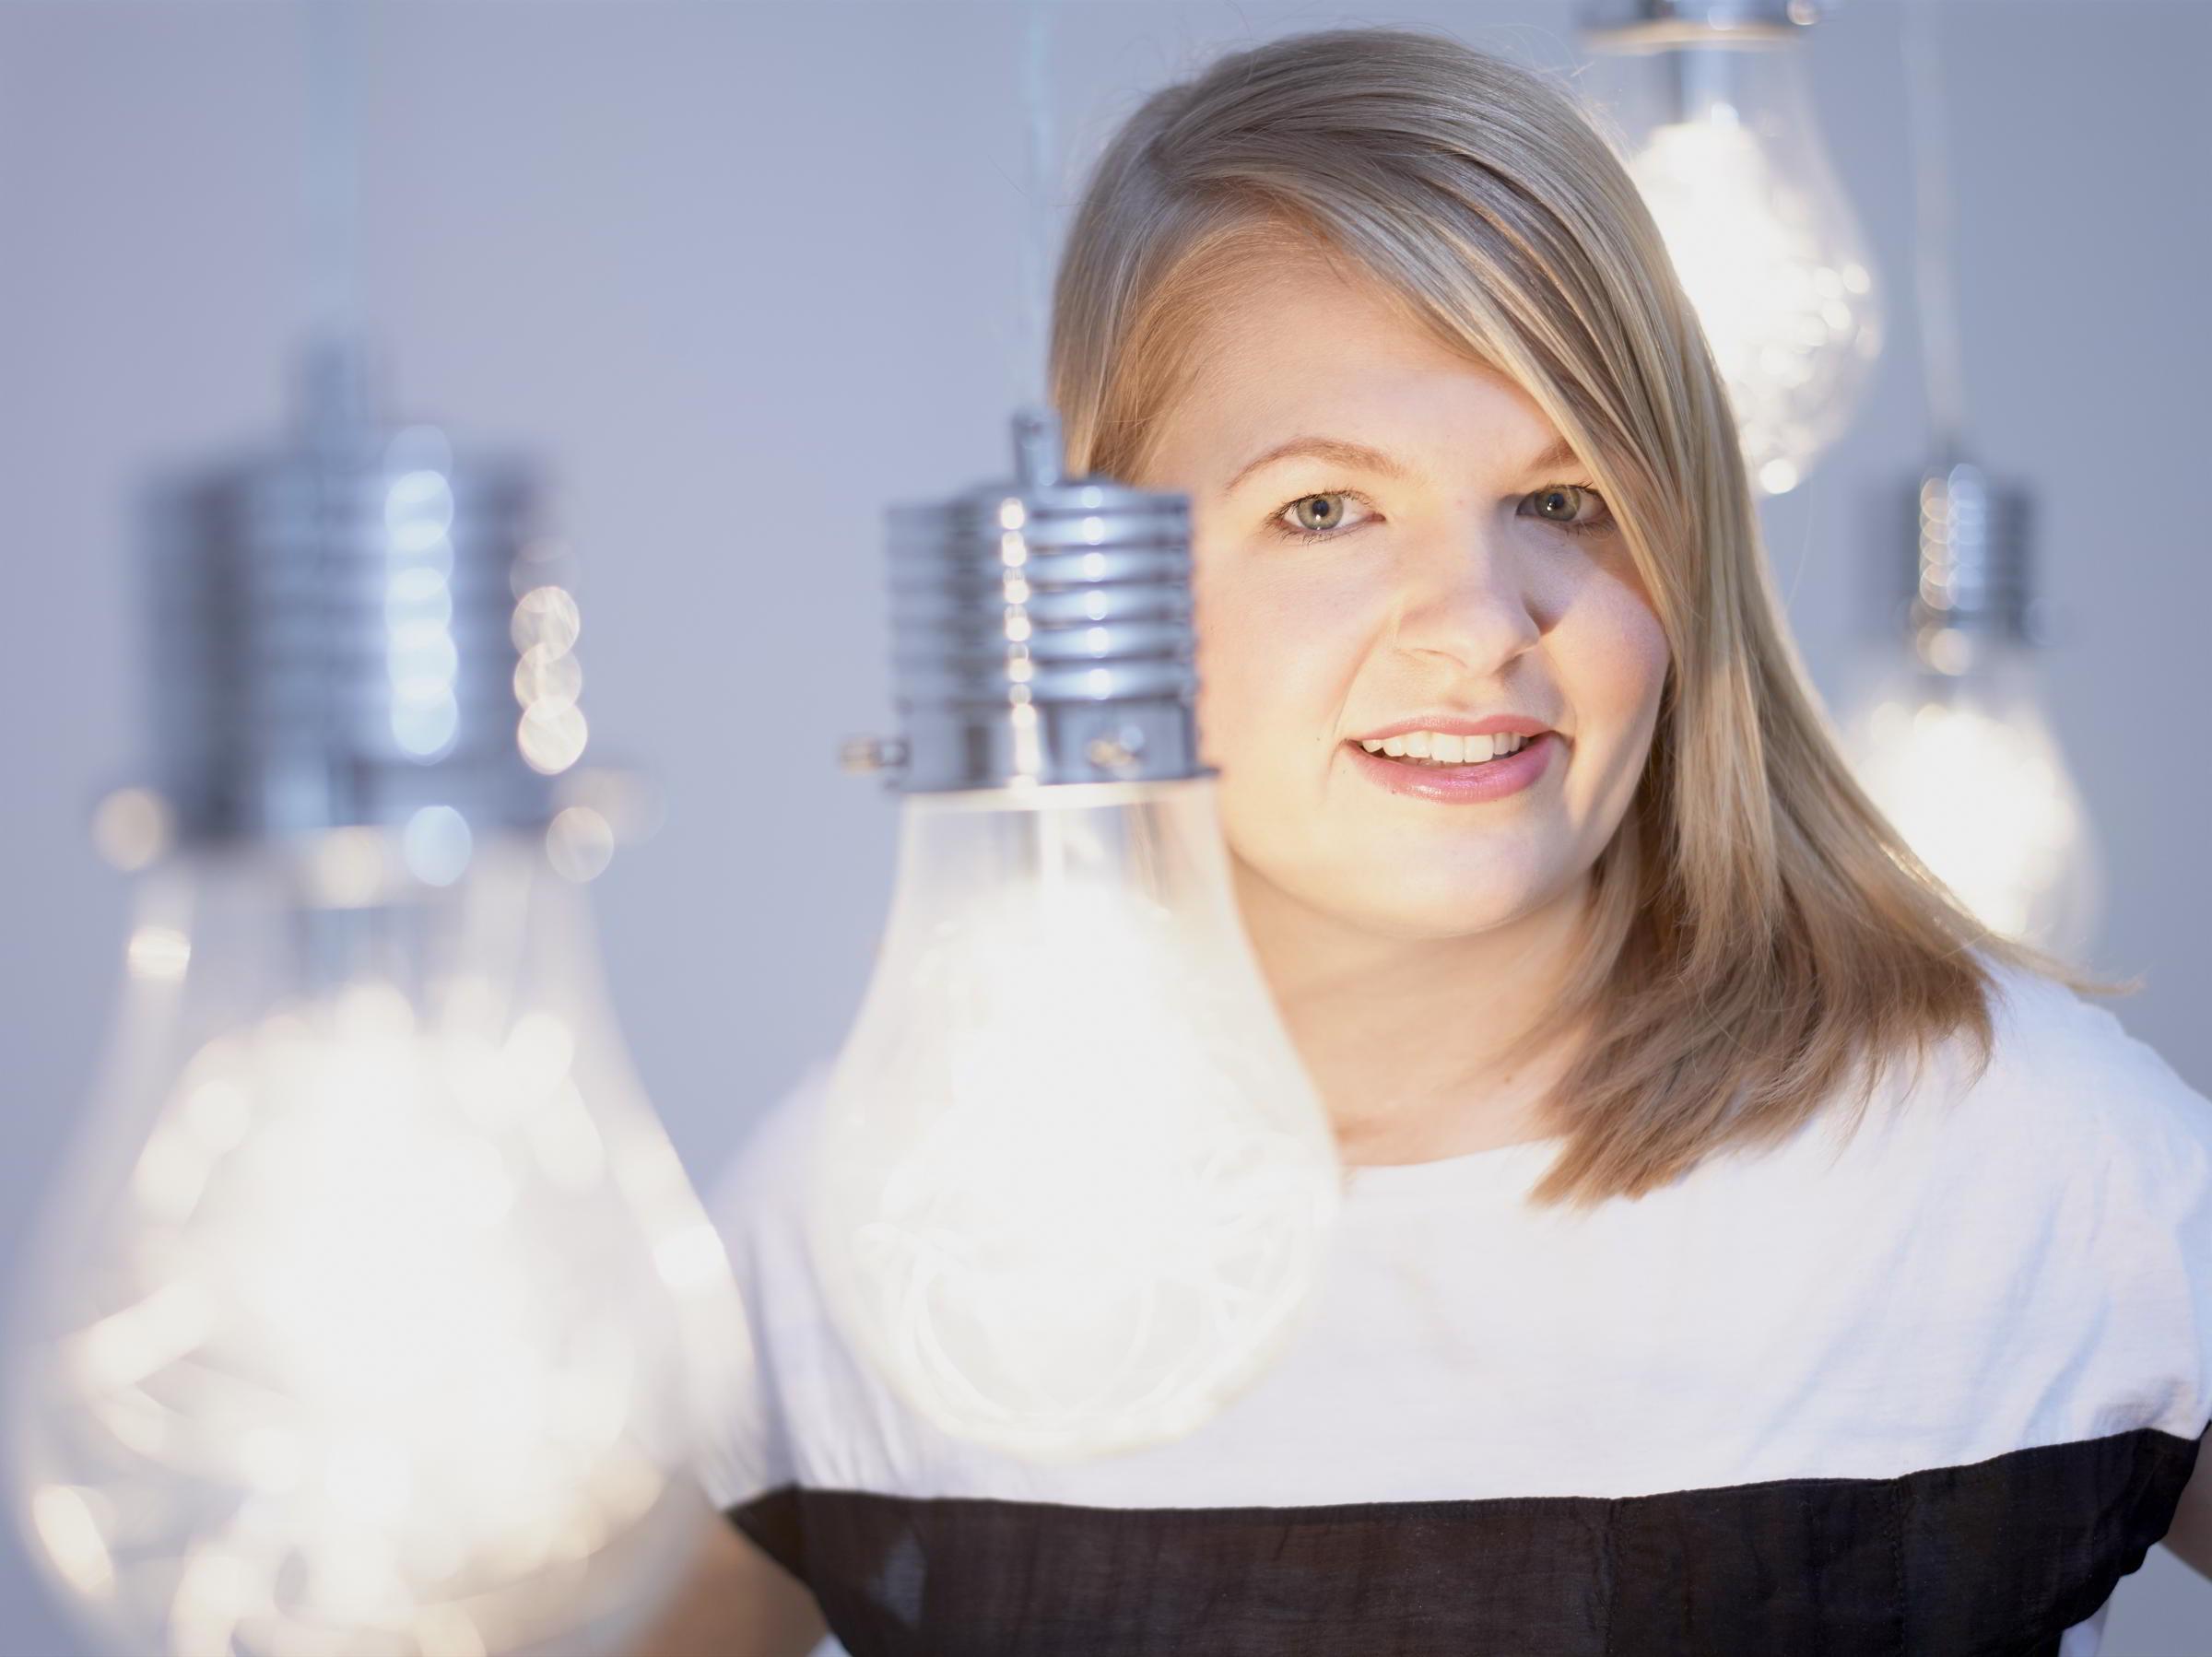 Lumizil, Gründerin Lena Schaumann, Lumizil high potential, Ideen, high potential, Handel, Licht, Gründertypen